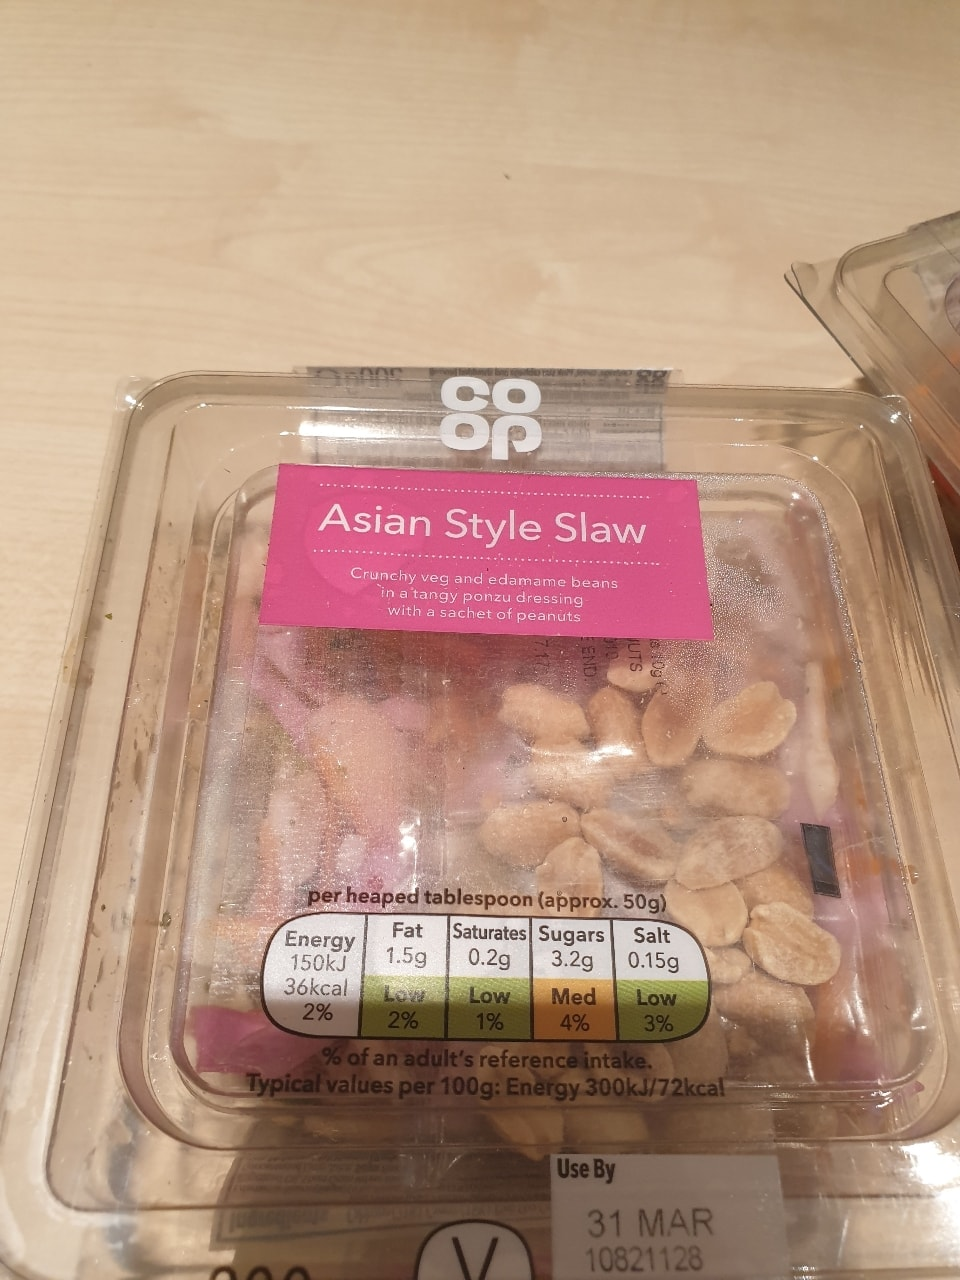 Asian Style Slaw